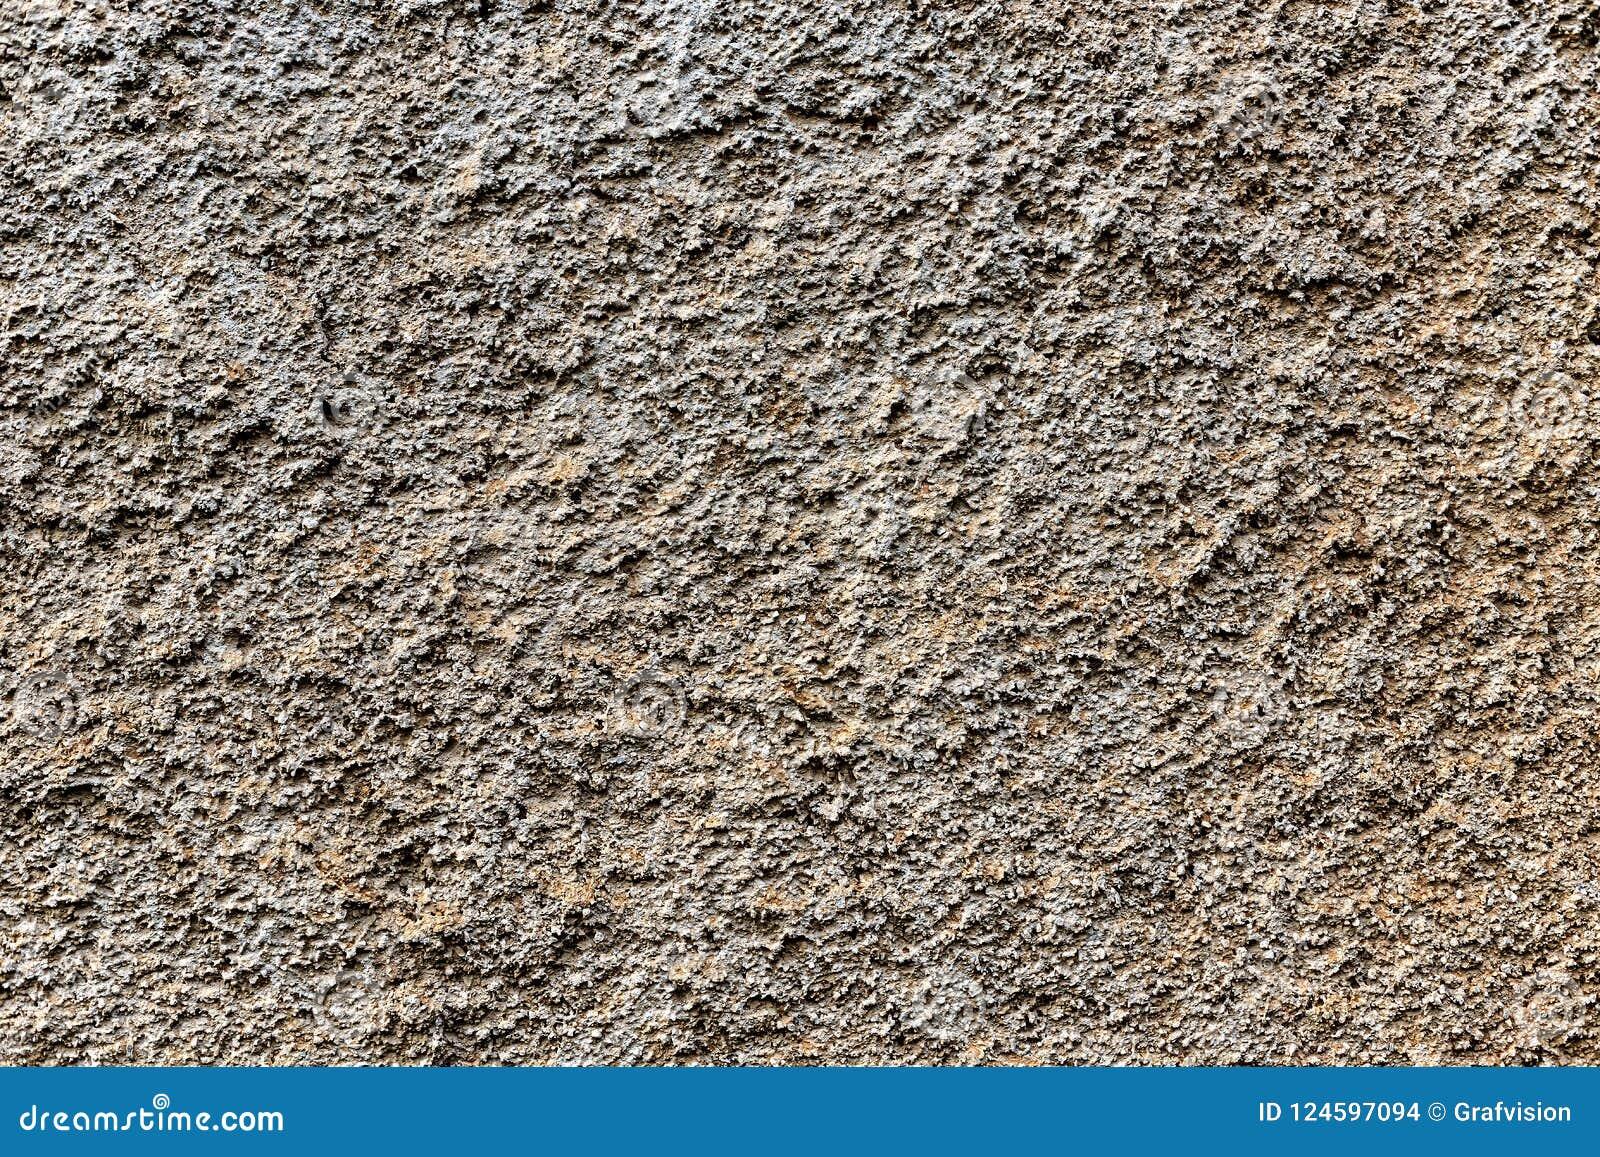 坚固性膏药墙壁